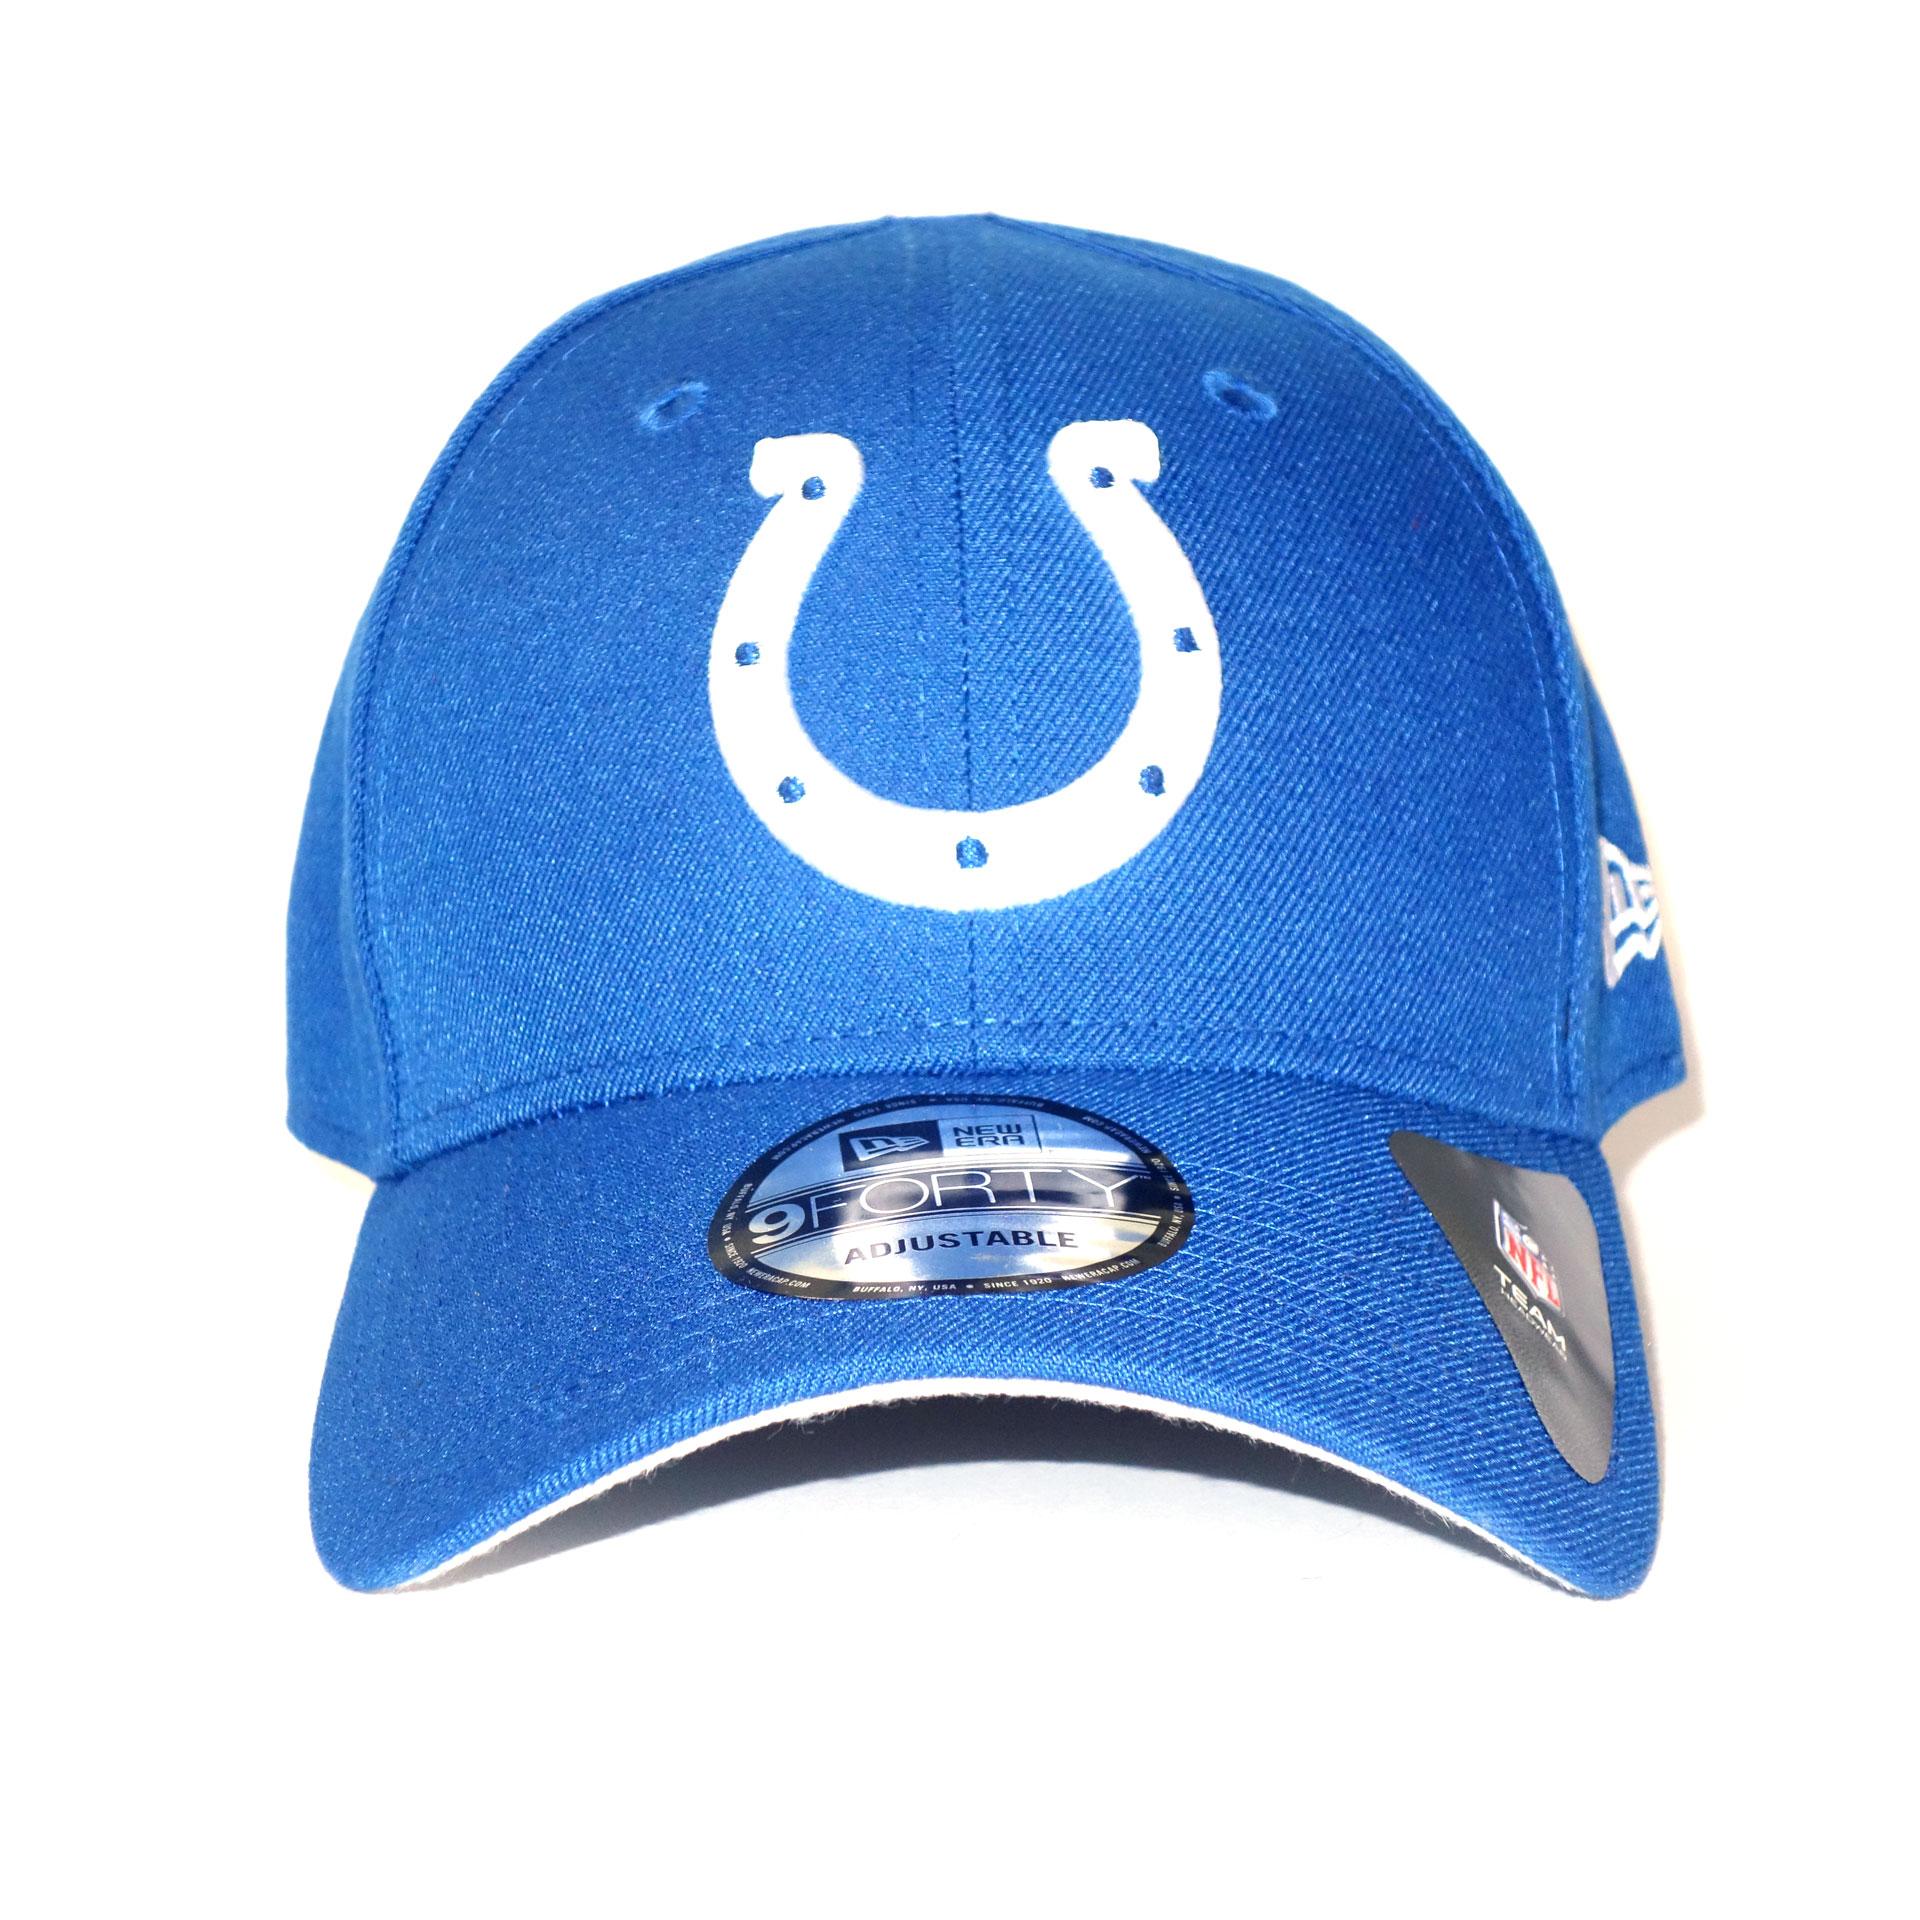 NFL New Era Cap Indianapolis Colts